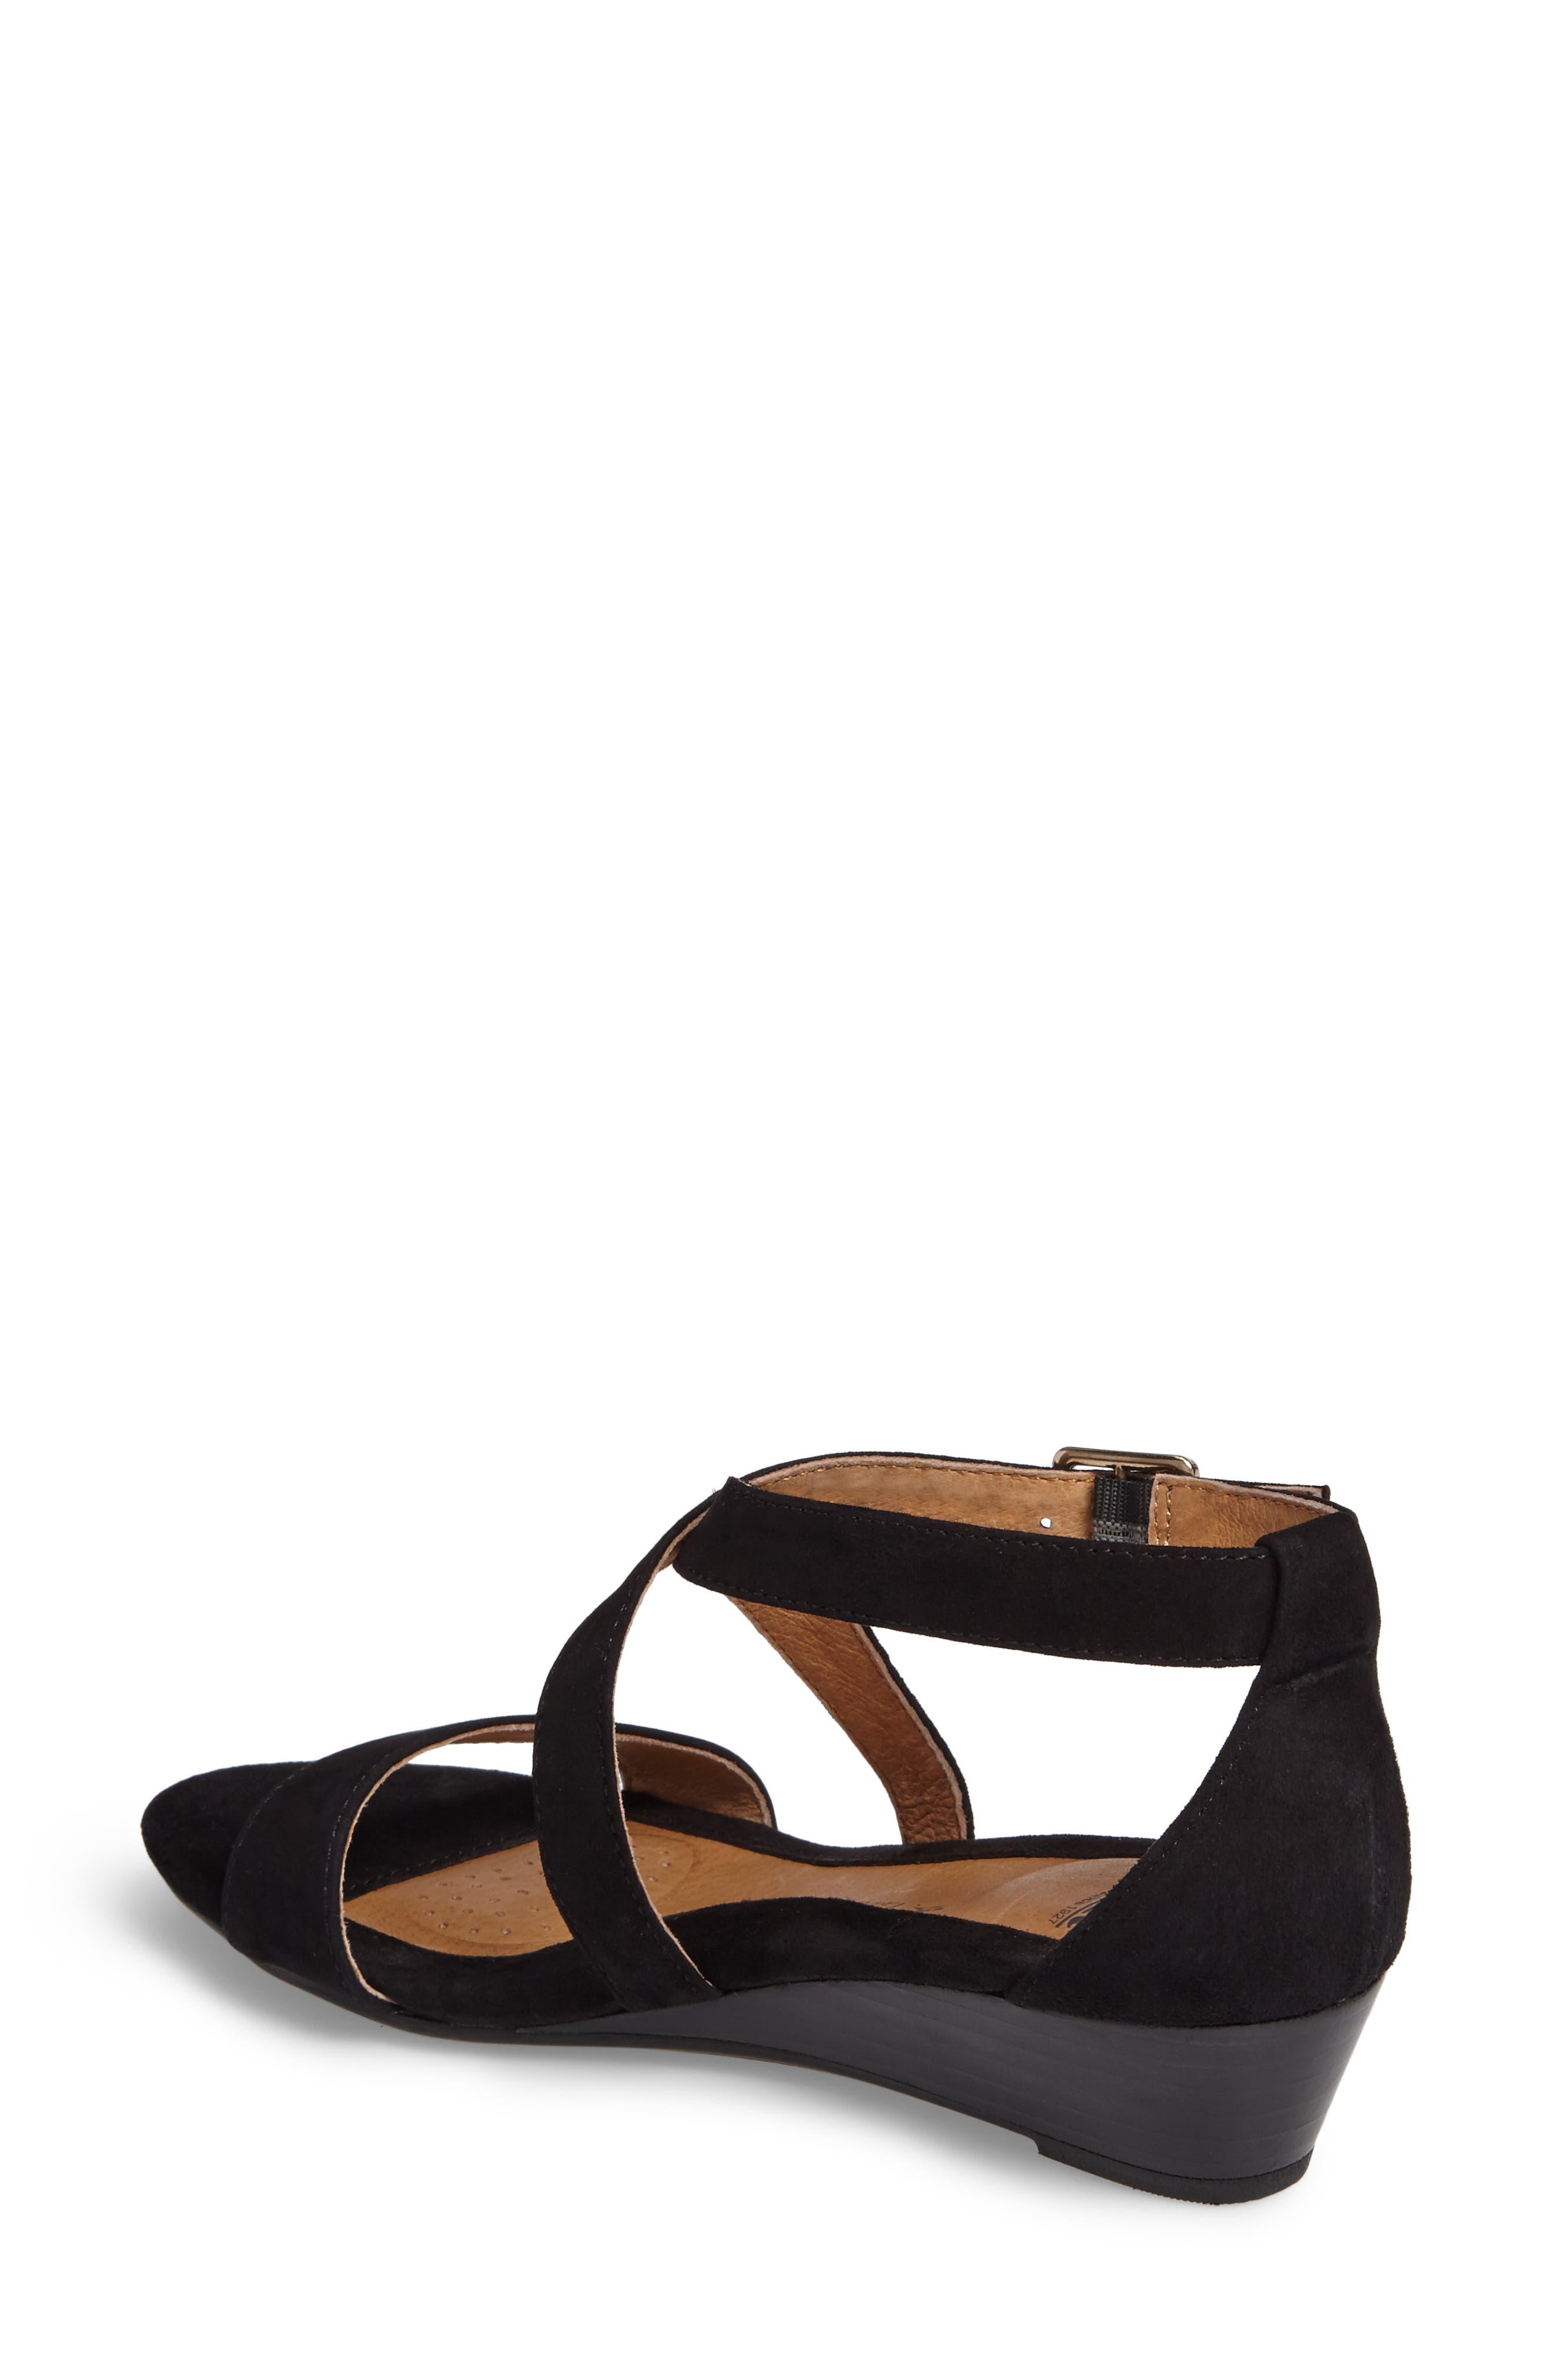 Alternate Image 2  - Söfft 'Innis' Low Wedge Sandal (Women)